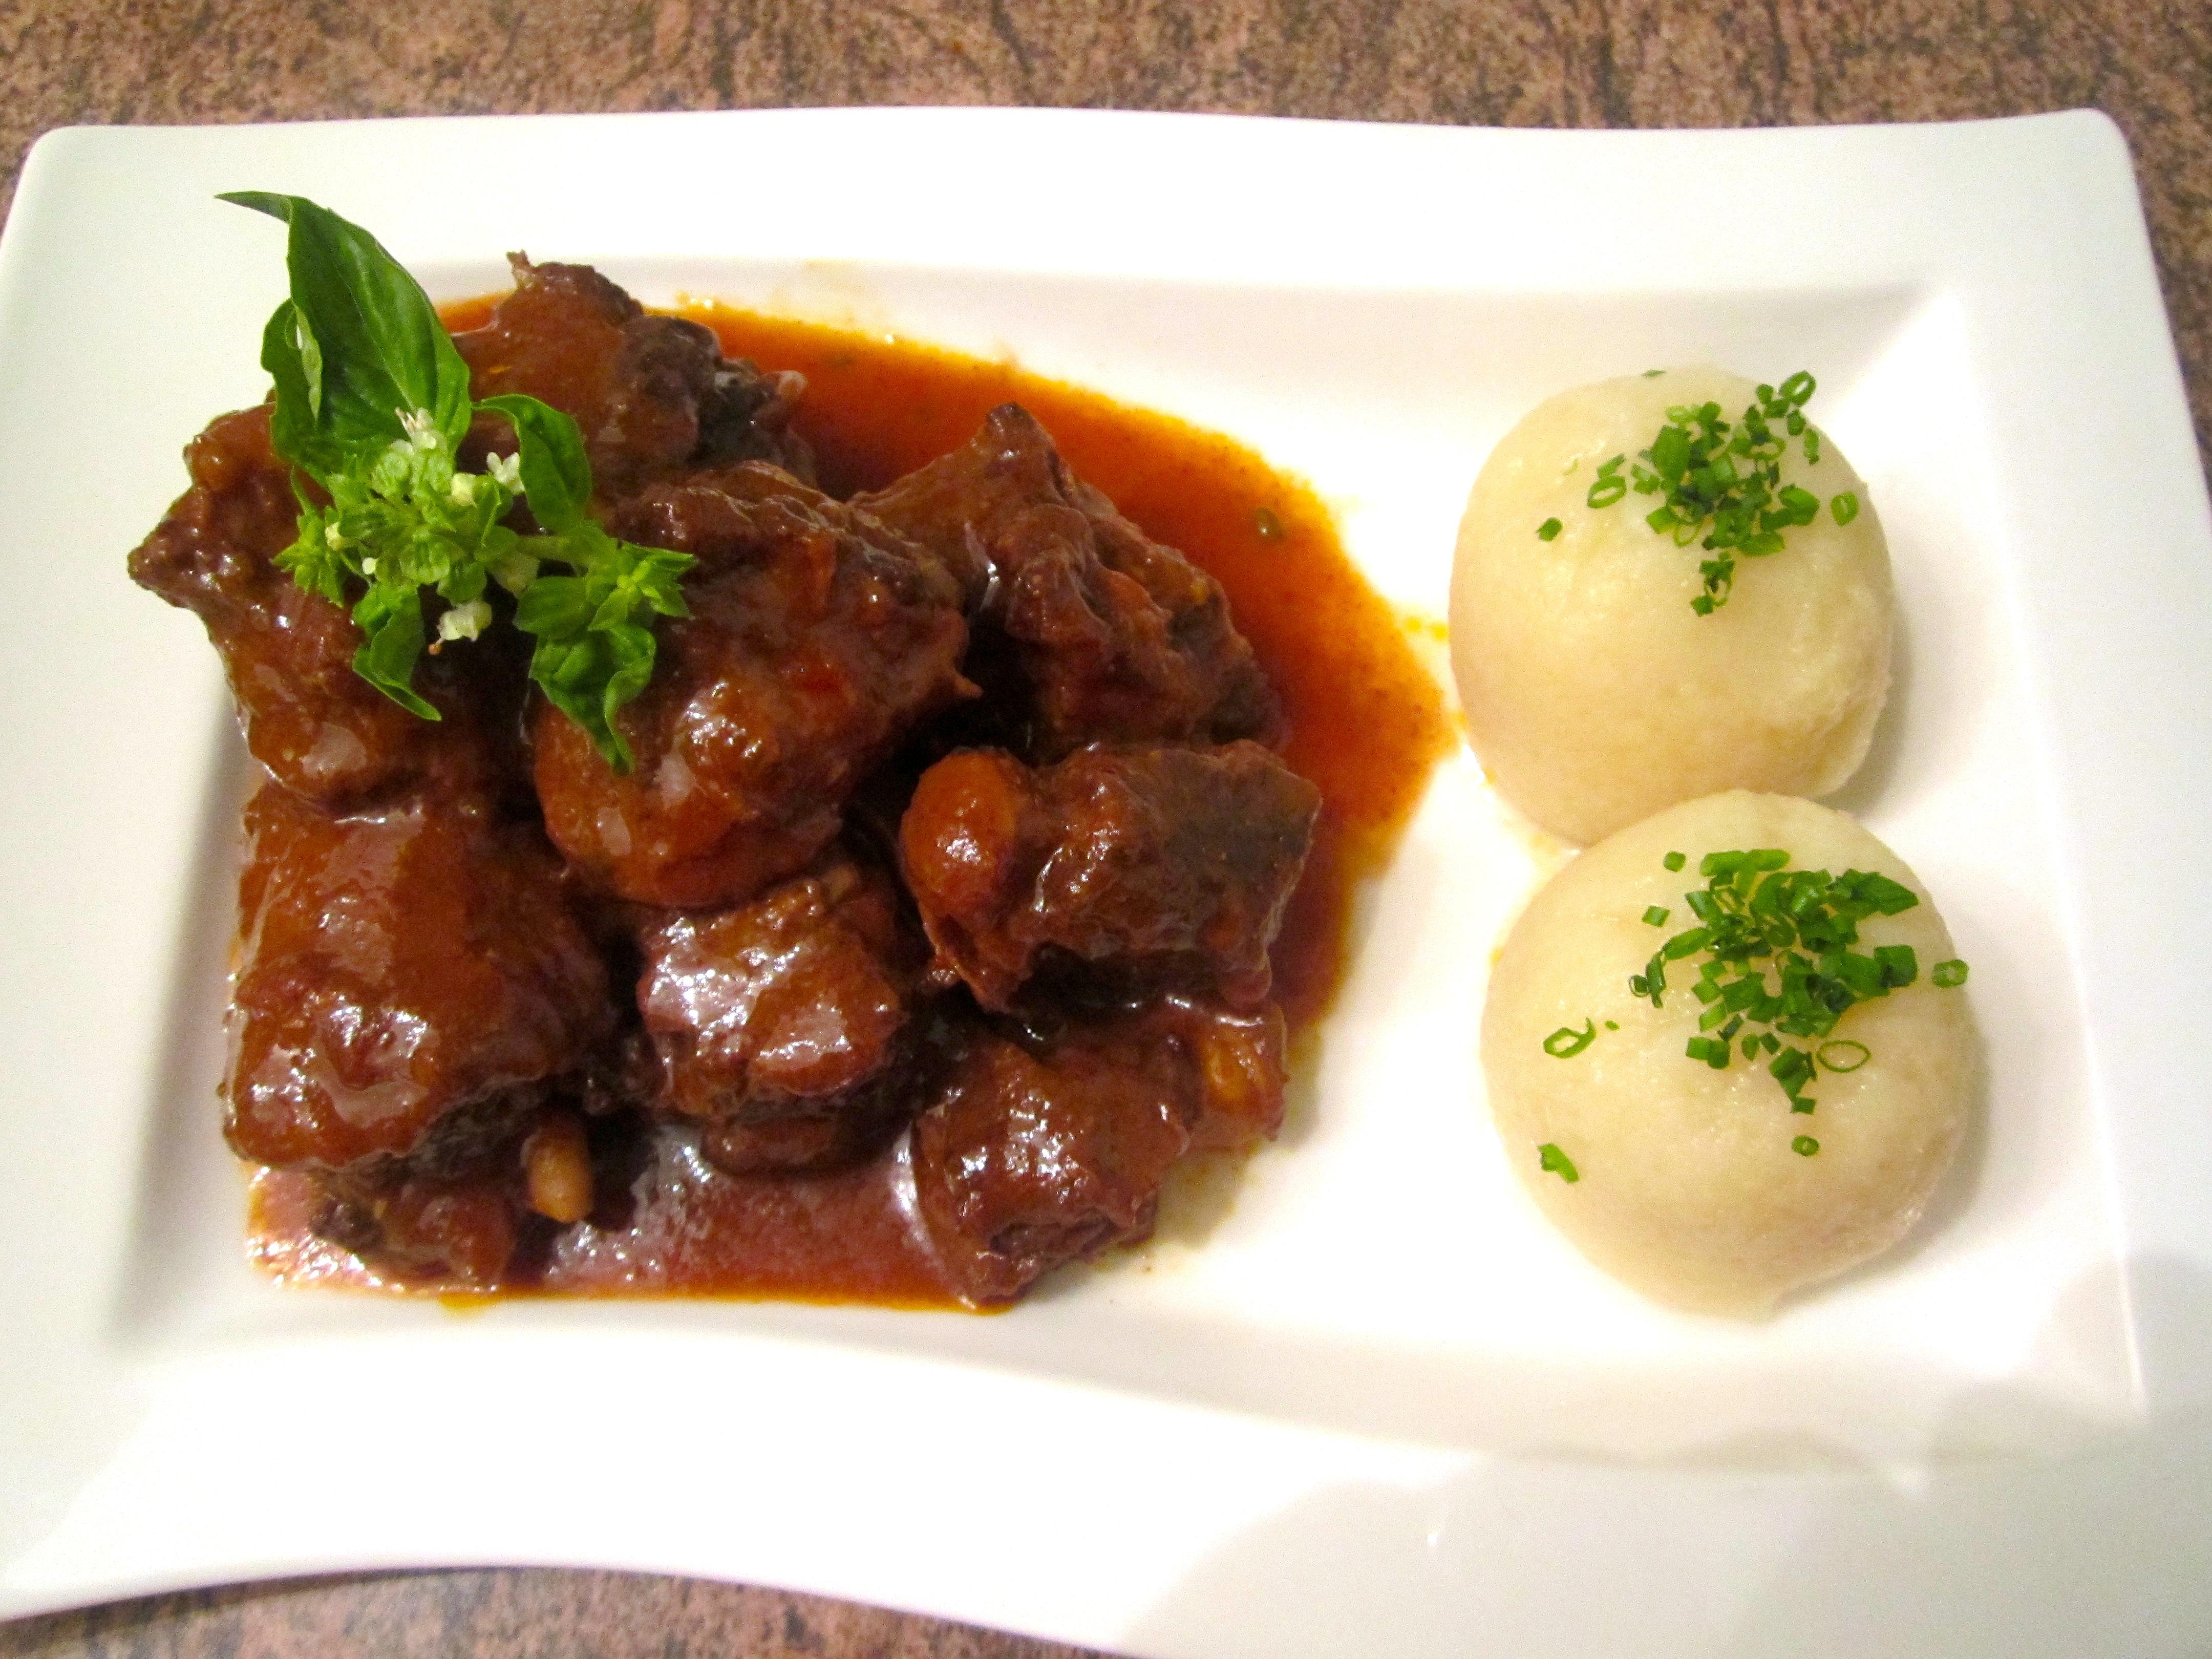 Braised Oxtail Potato Dumplings Geschmorter Ochsenschwanz Kartoffelknoedel Chefsopinion